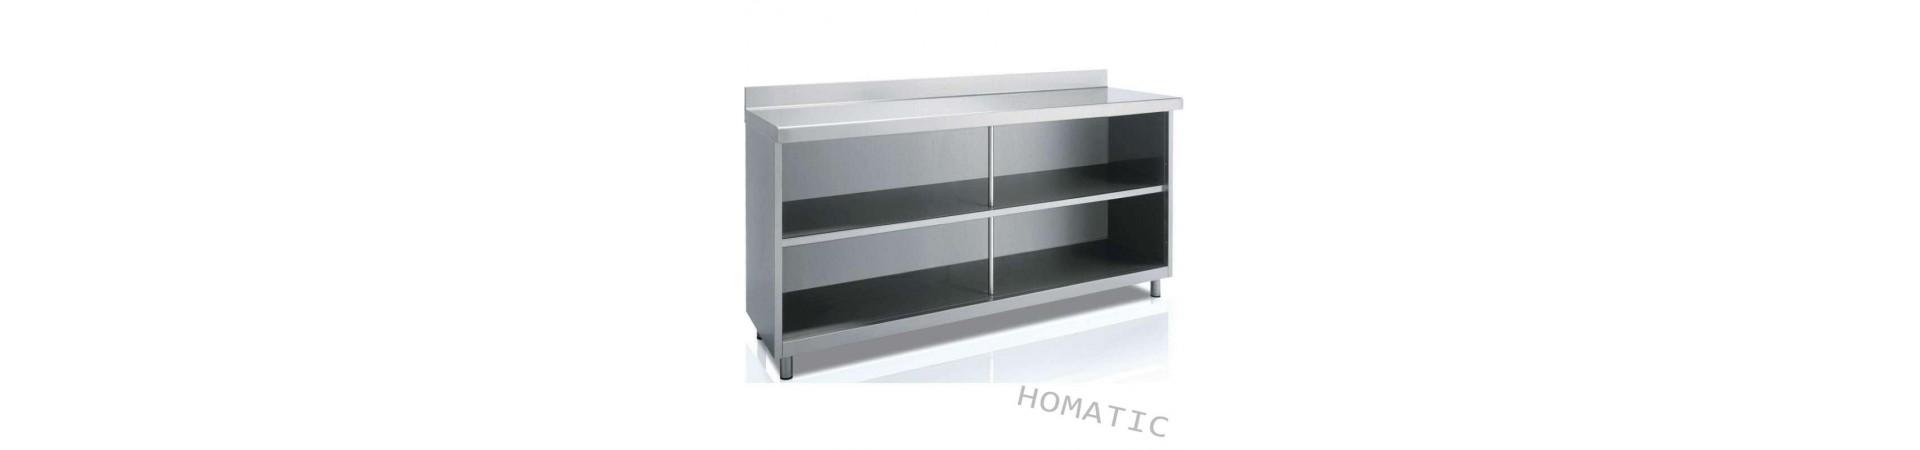 Muebles contramostrador de gran calidad fabricados en acero inoxidable AISI 304 18/10. Compra hoy con garantía.